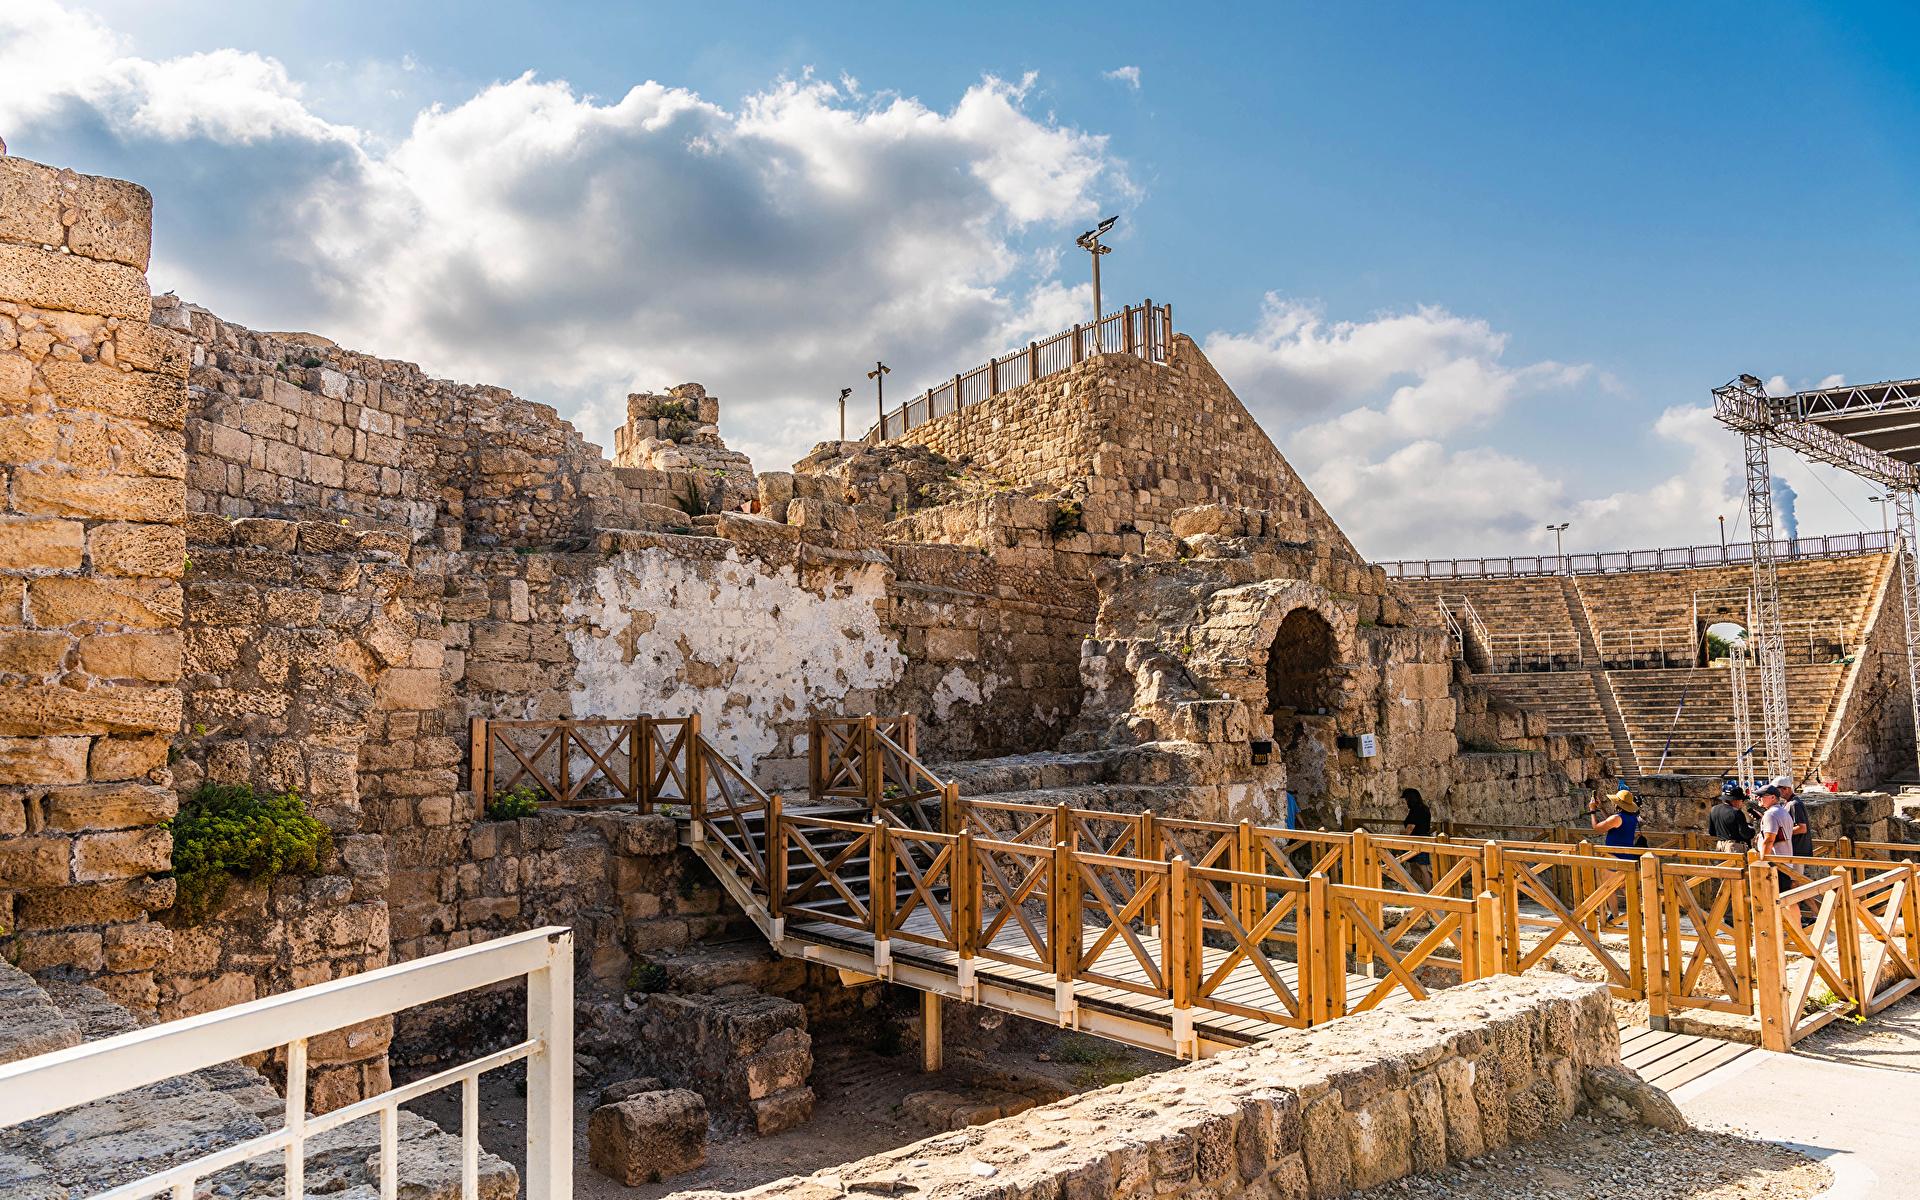 Bilder von Israel Coliseum at Caesarea National Park Ruinen Städte 1920x1200 Parks